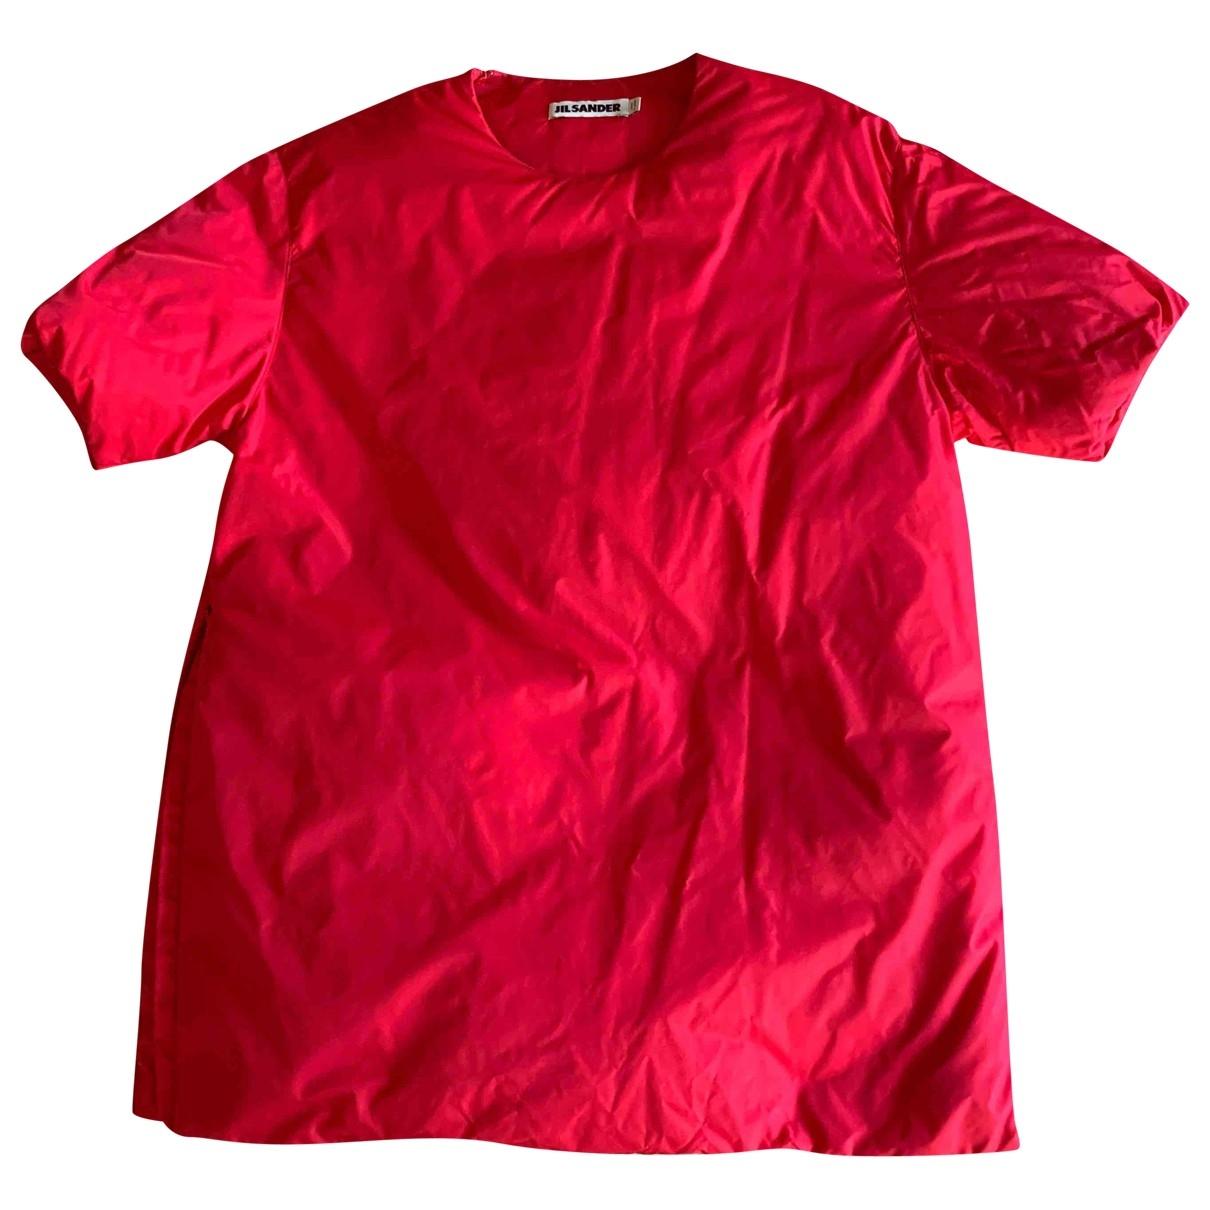 Jil Sander \N Red coat for Women 34 FR